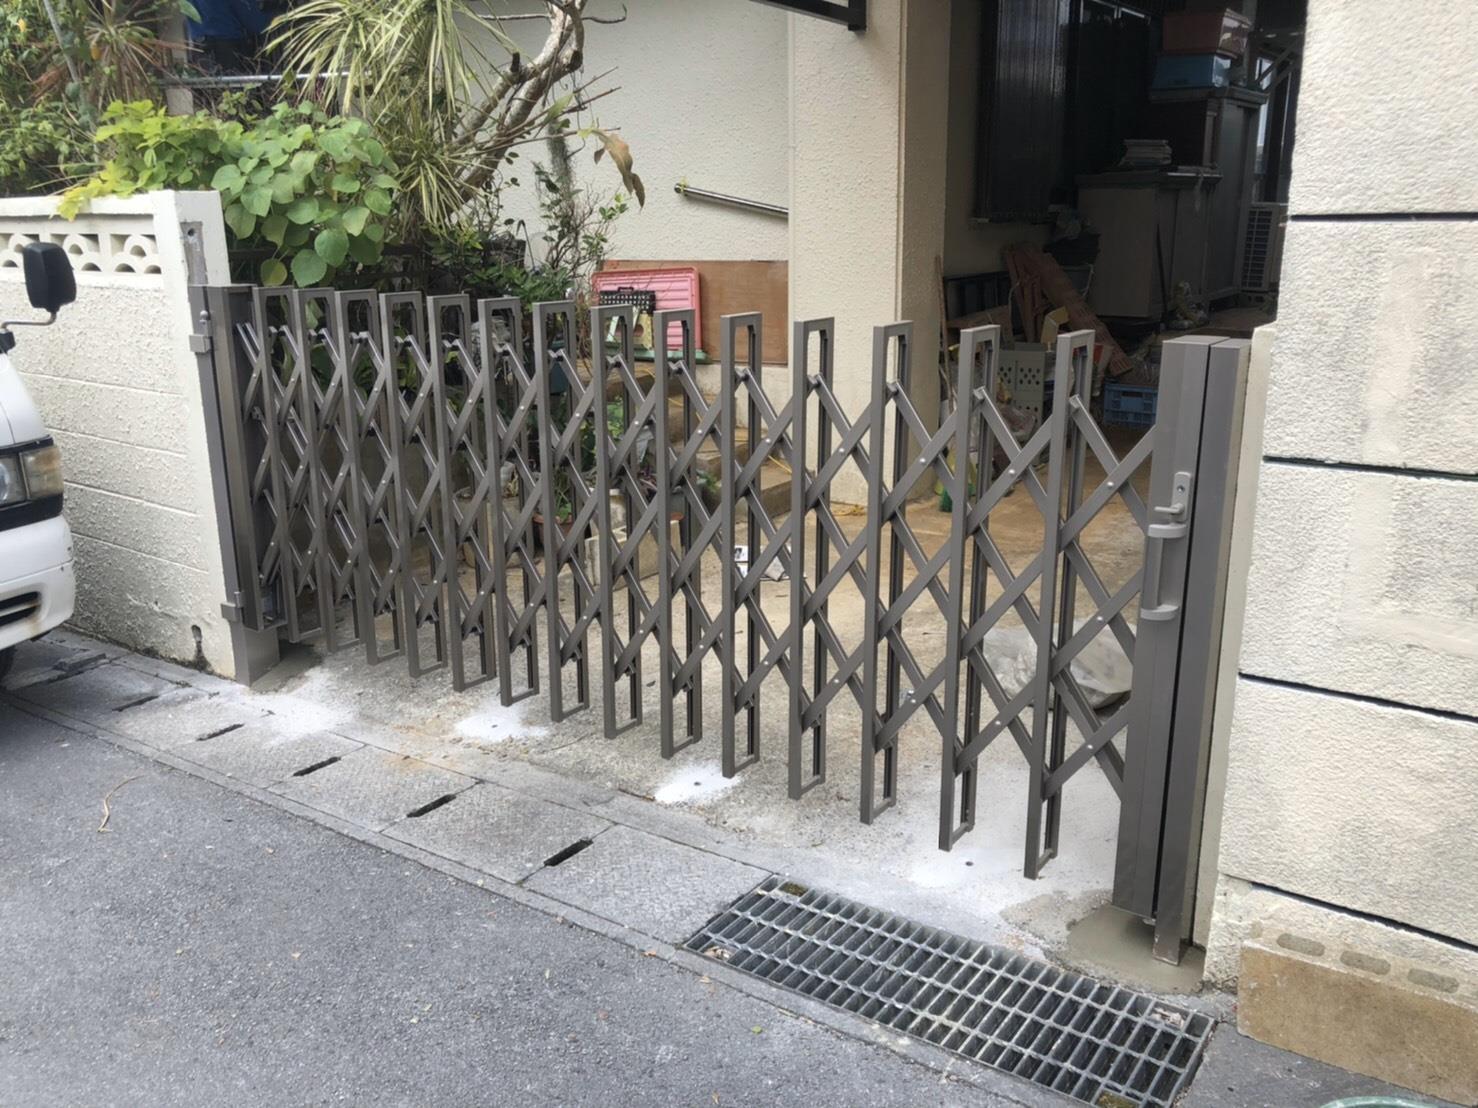 アコーディオン門扉(リフォーム施工事例)を公開しました。   沖縄や那覇でリフォームするなら【株式会社 あうん工房】